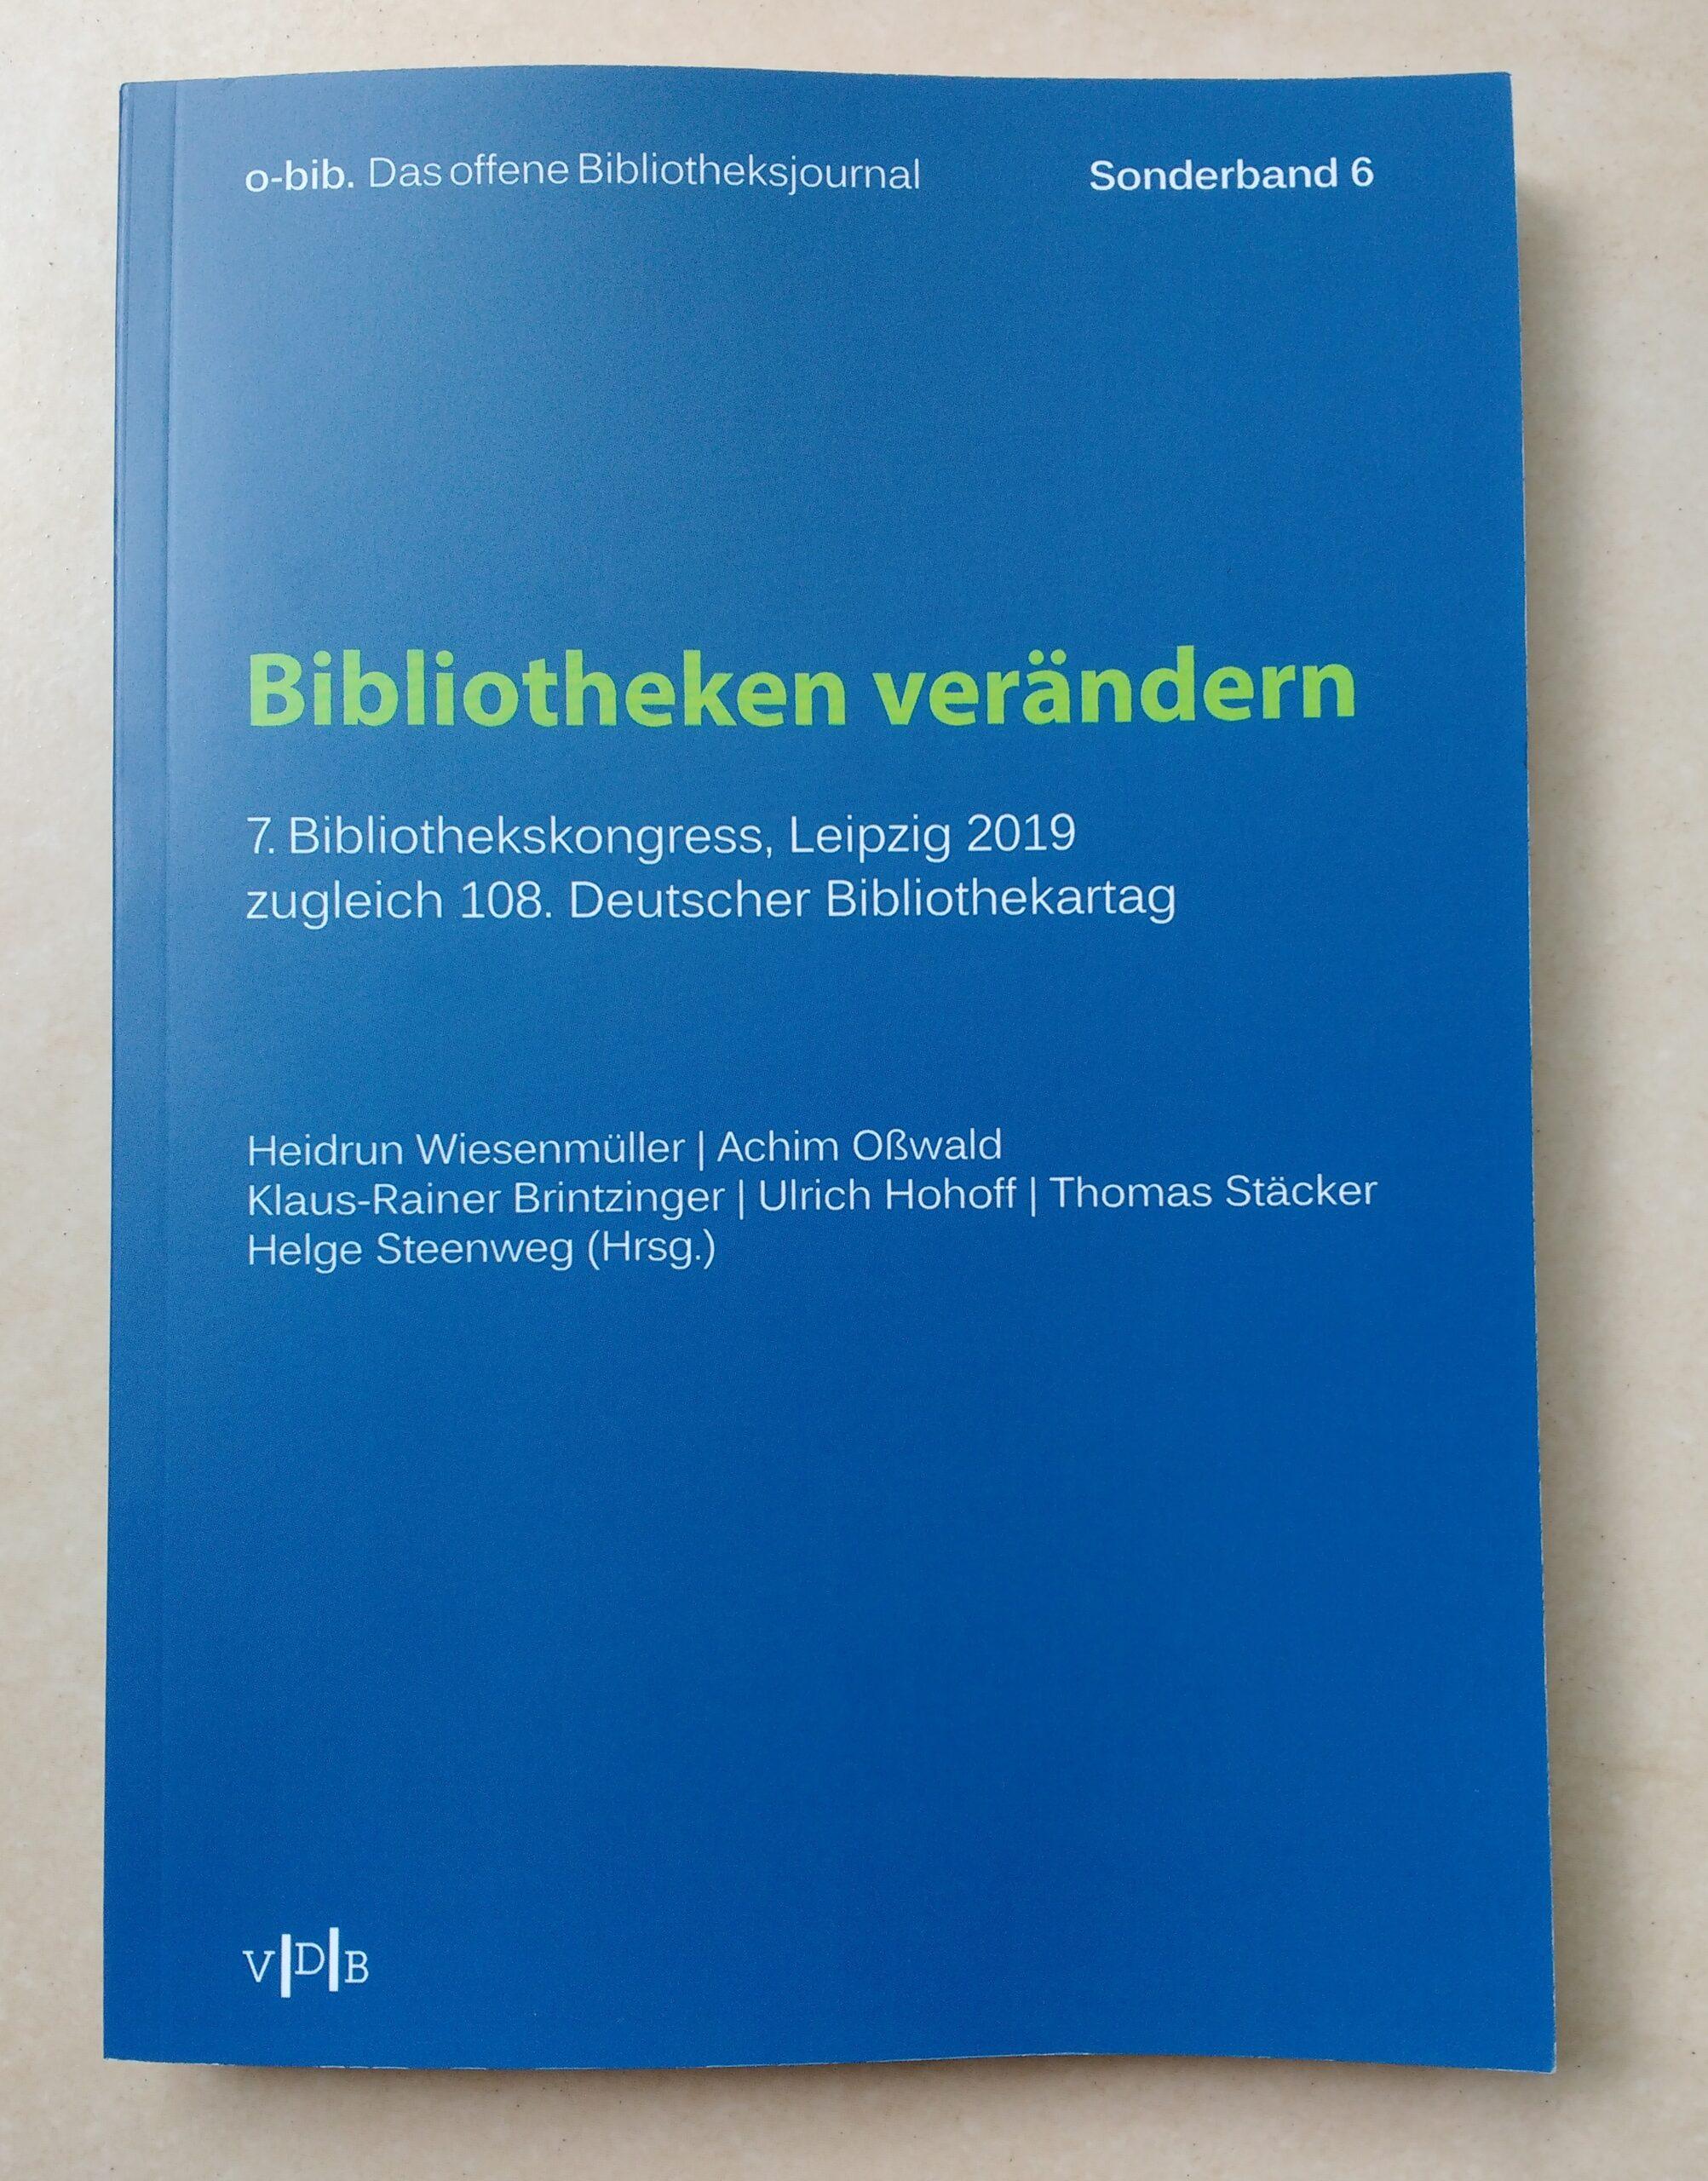 Tagungsband zum Leipziger Bibliothekskongress jetzt auch gedruckt